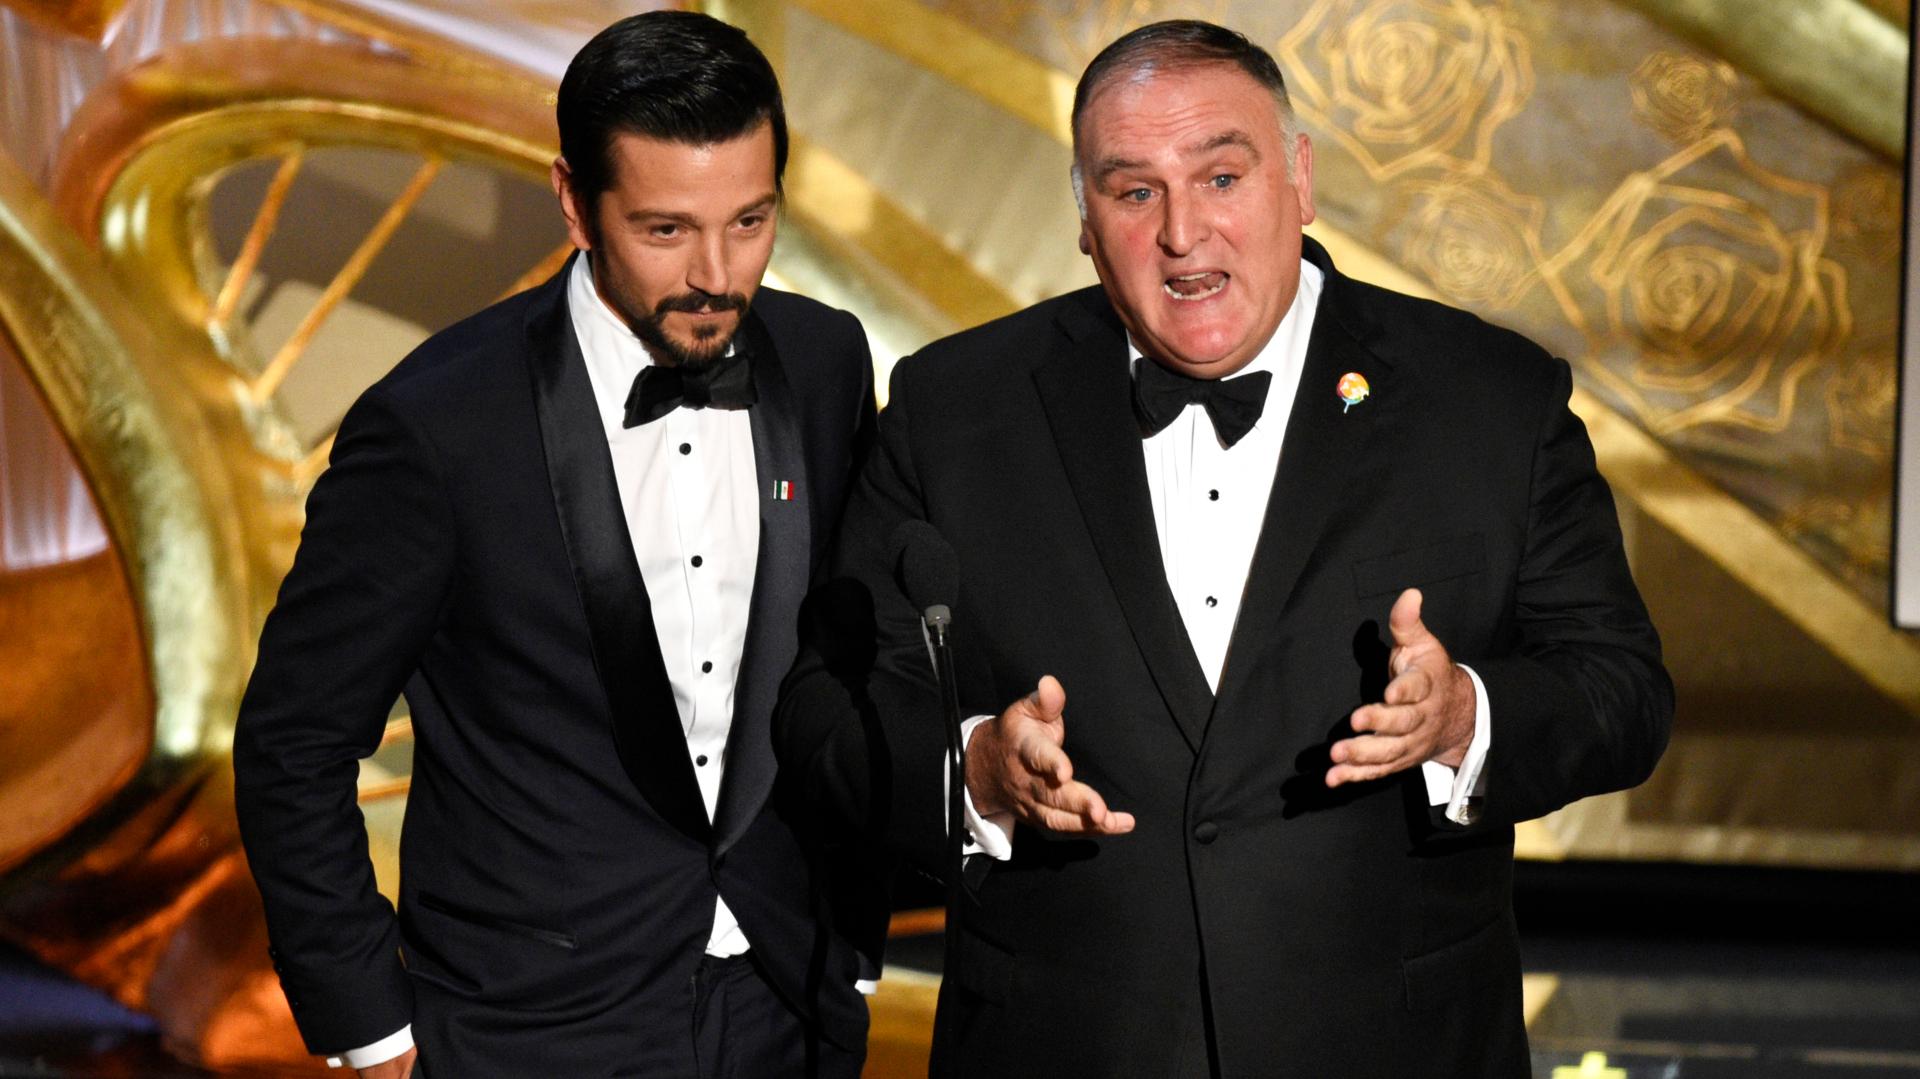 """Diego Luna y Jose Andres presentaron """"Roma"""" en los premios de la Academia (Foto: AP)"""